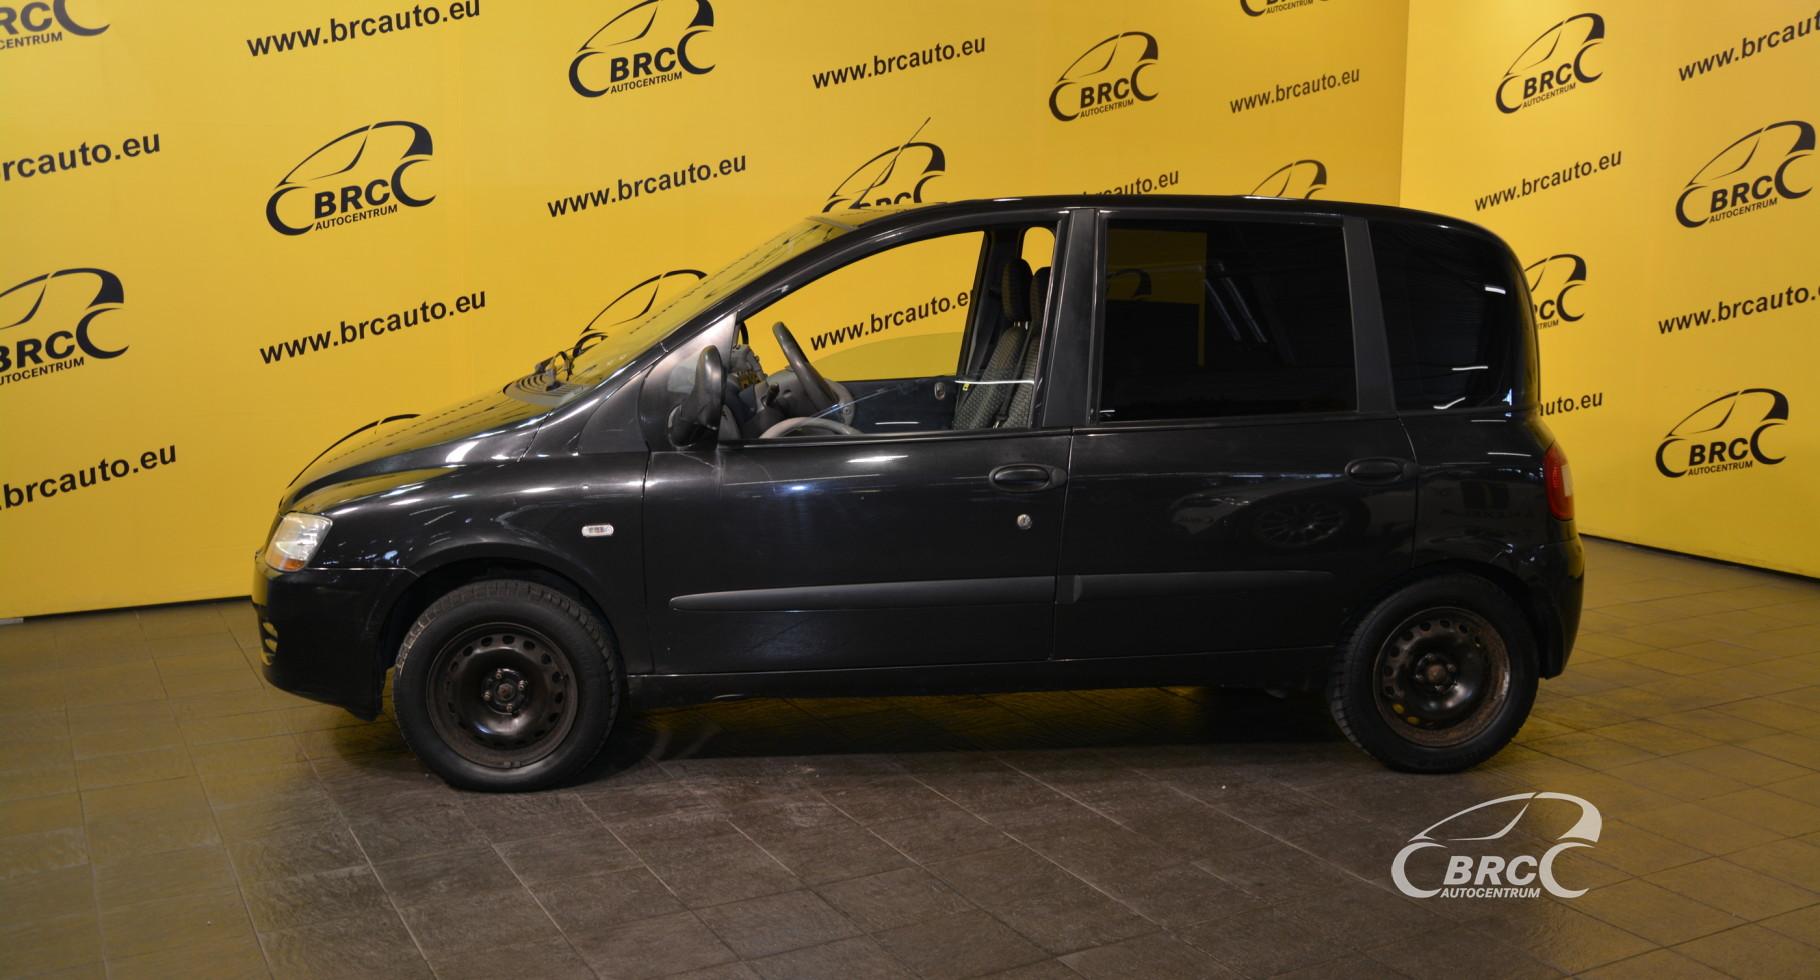 Fiat Multipla 1.6